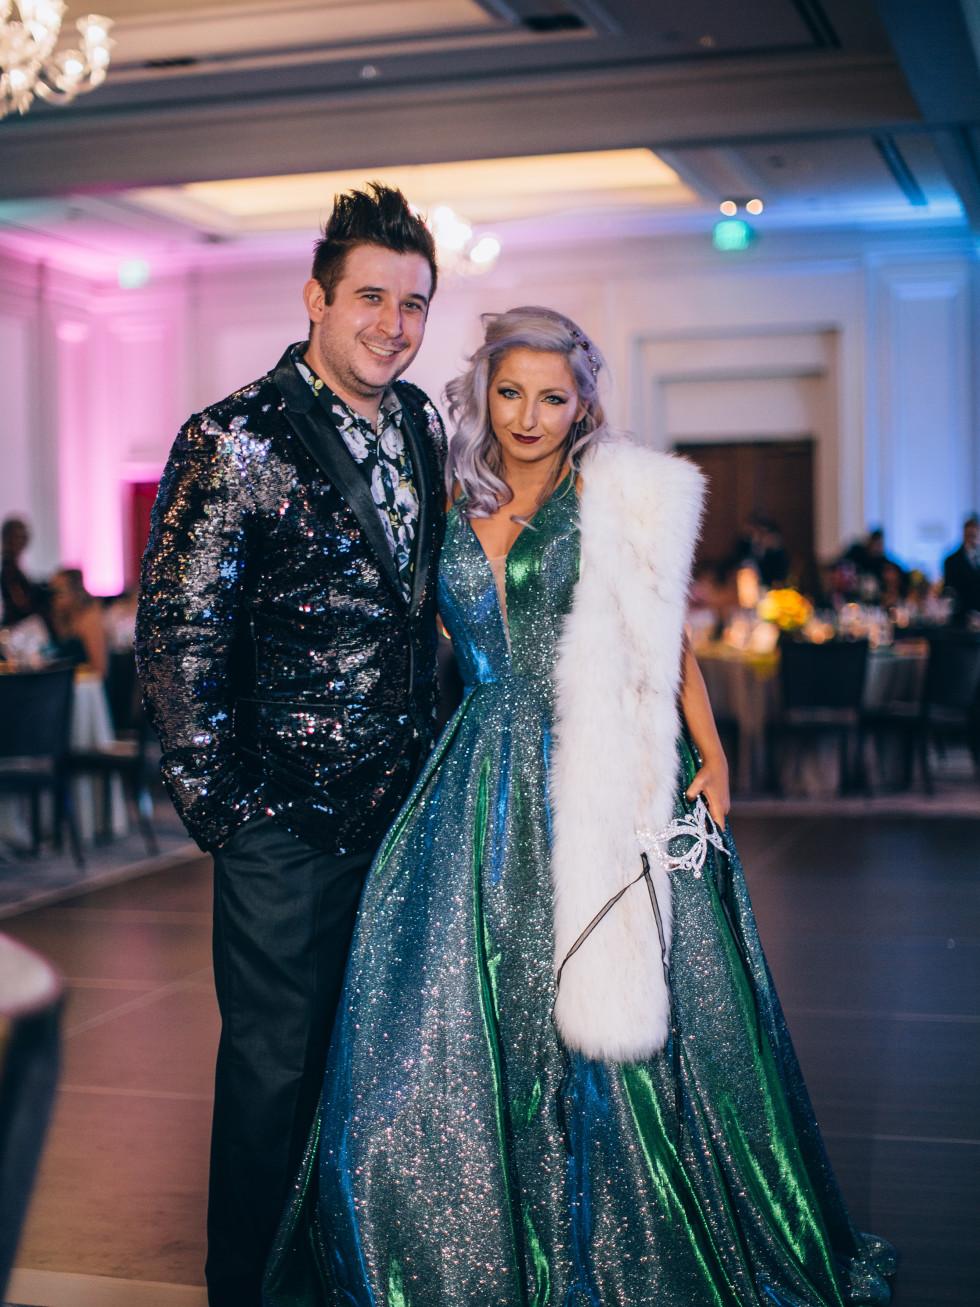 Christopher & Aileen Rensink